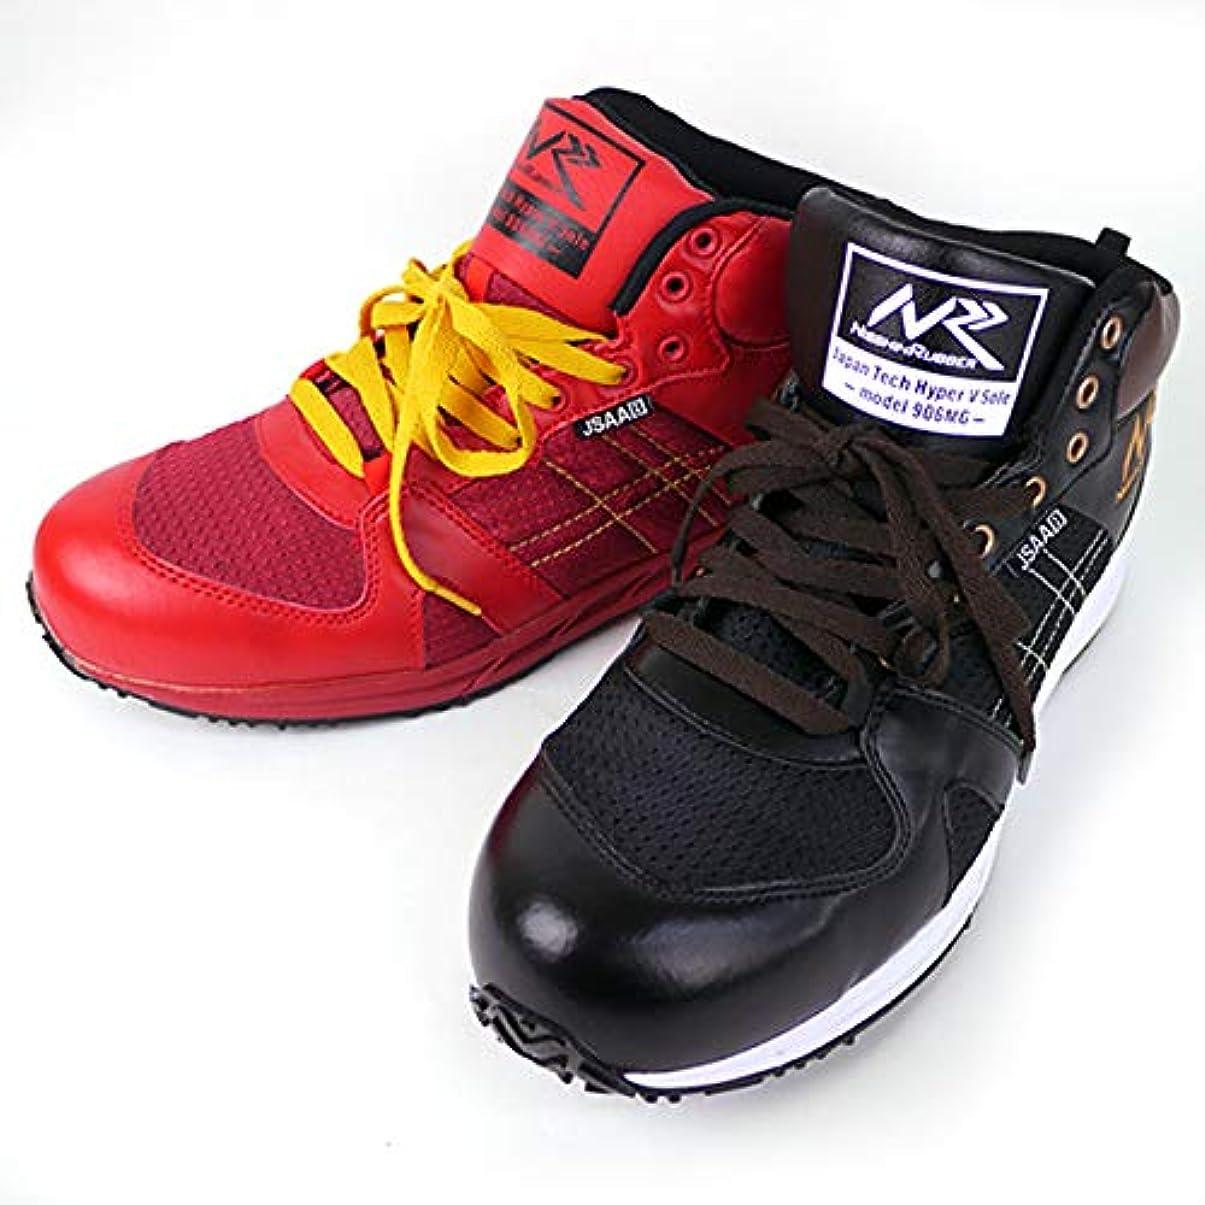 [日進ゴム] メンズ シューズ 安全靴 作業靴 HyperV ハイパーV (H906MG)